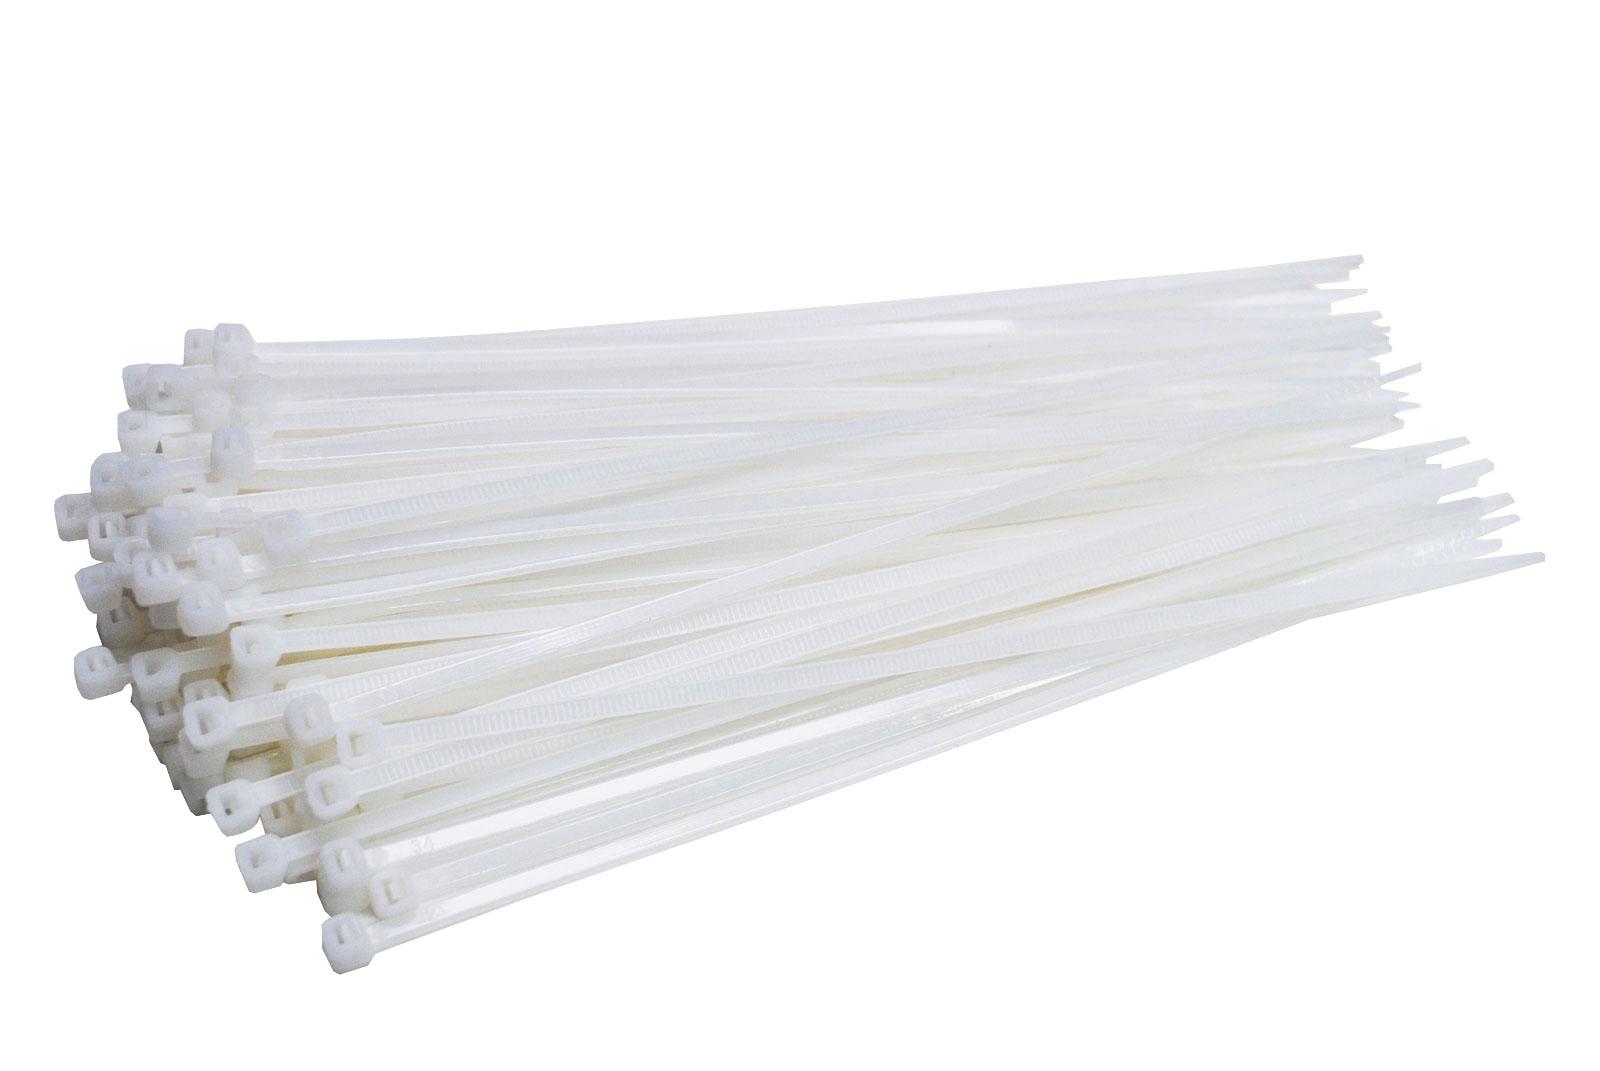 Kabelbinder UV Nylon Polyamid 6.6 Industriequalität schwarz 140 mm x 3,6 mm